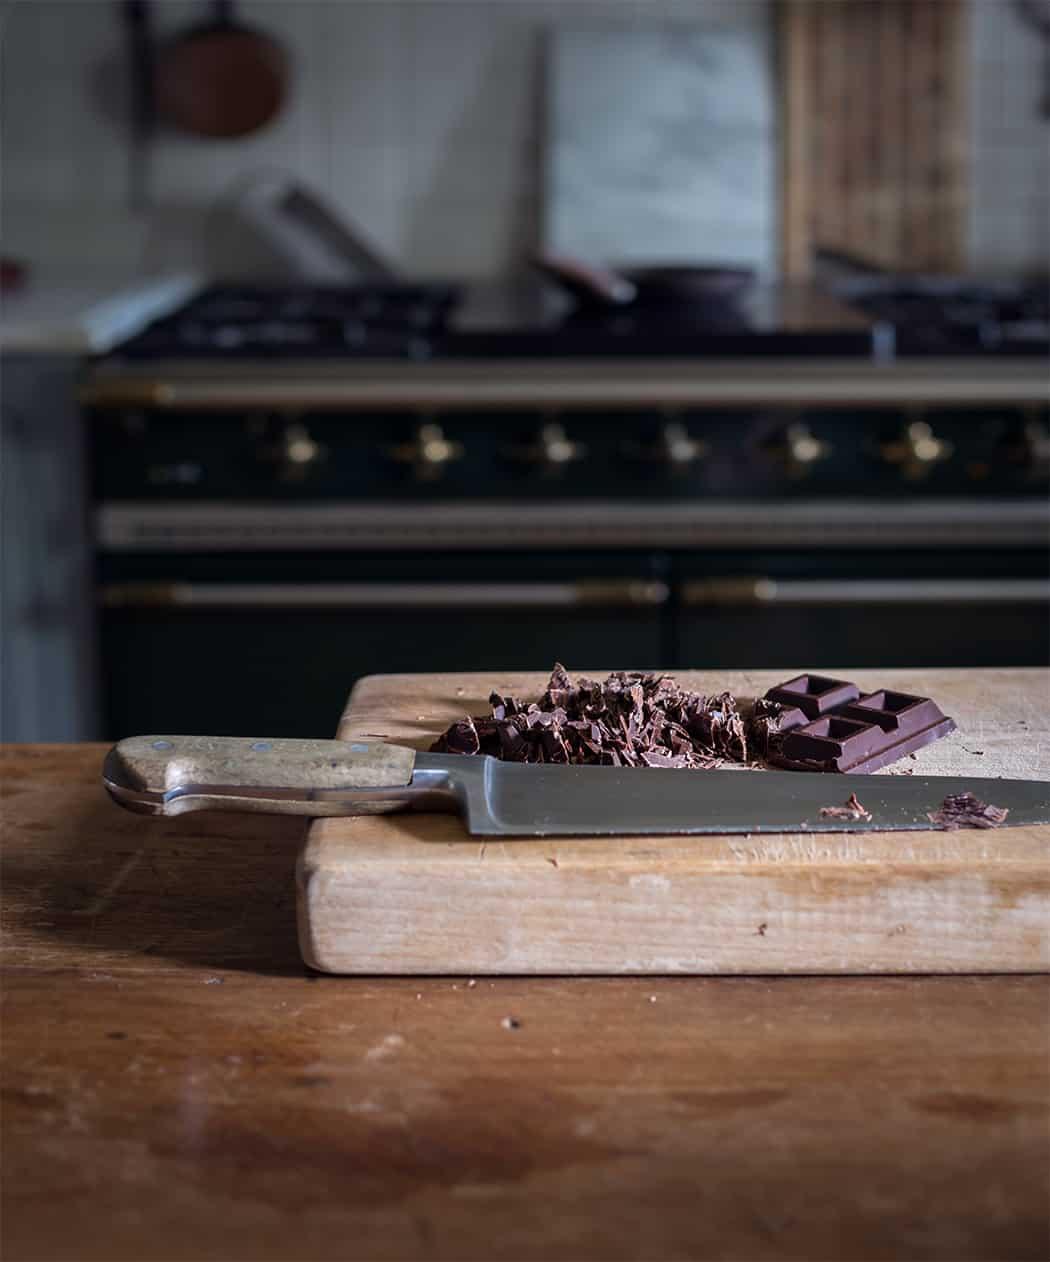 crema al cioccolato e nocciole